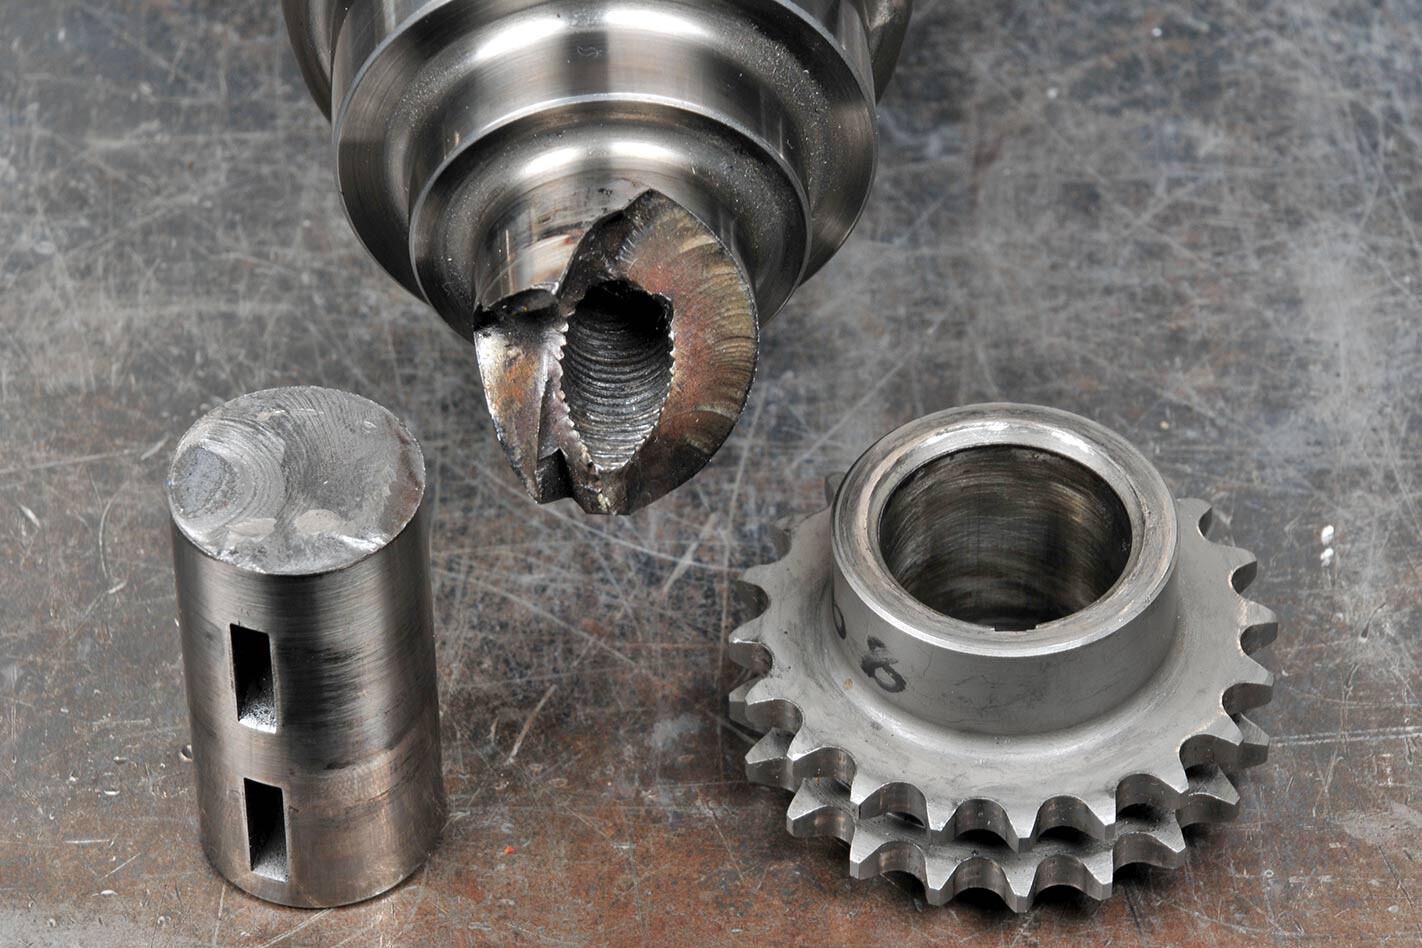 when automotive components break